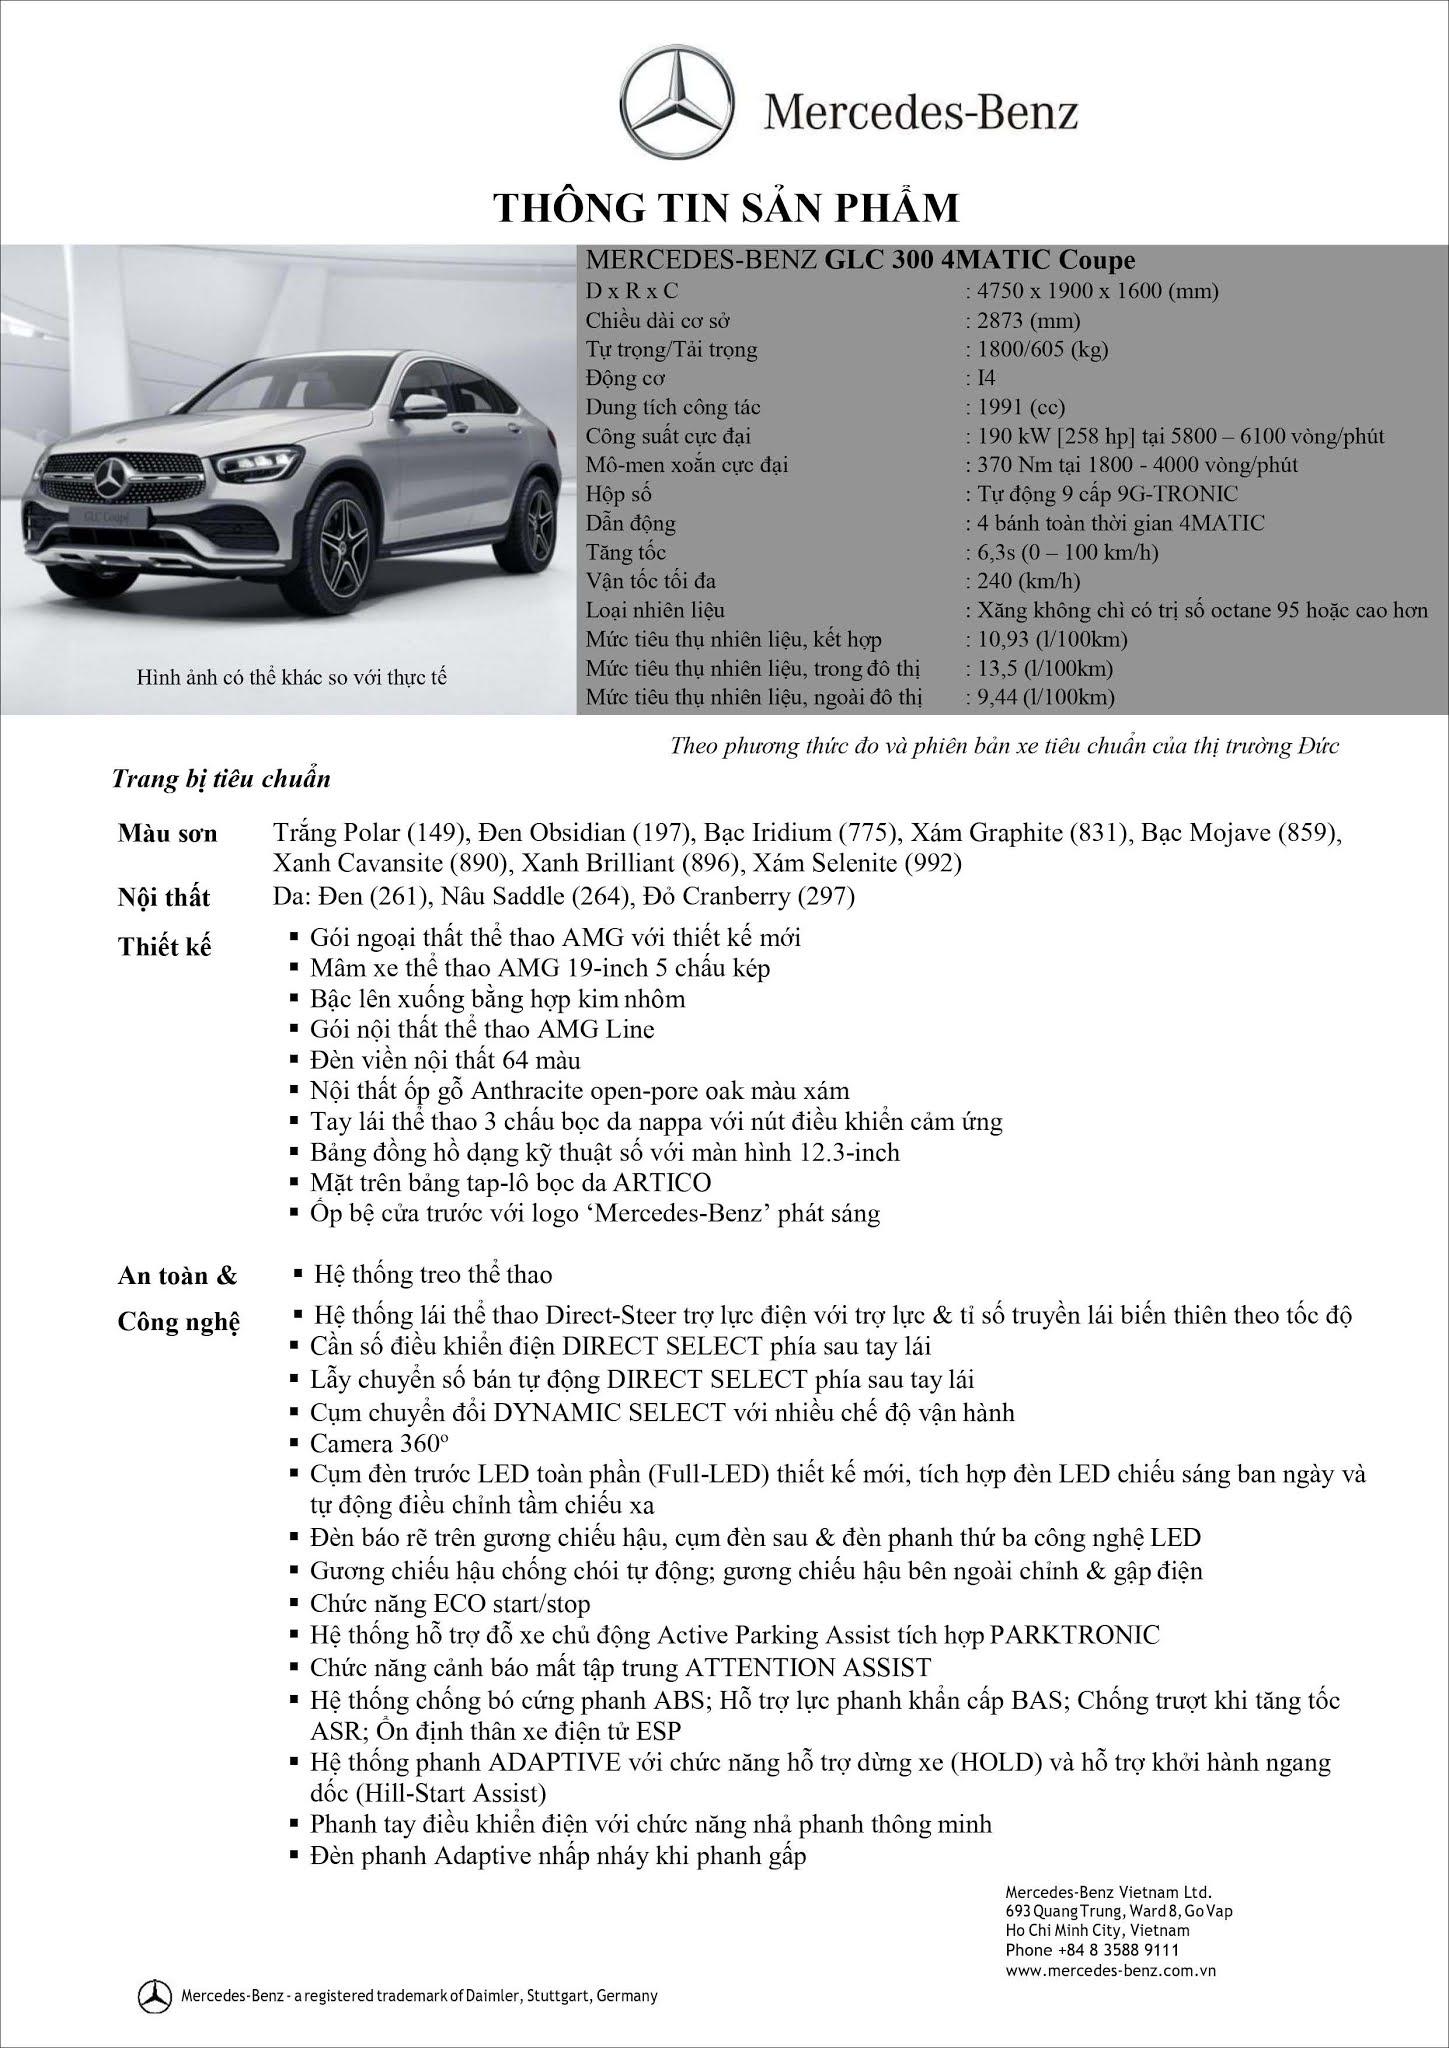 Bảng thông số kỹ thuật Mercedes GLC 300 4MATIC Coupe 2021